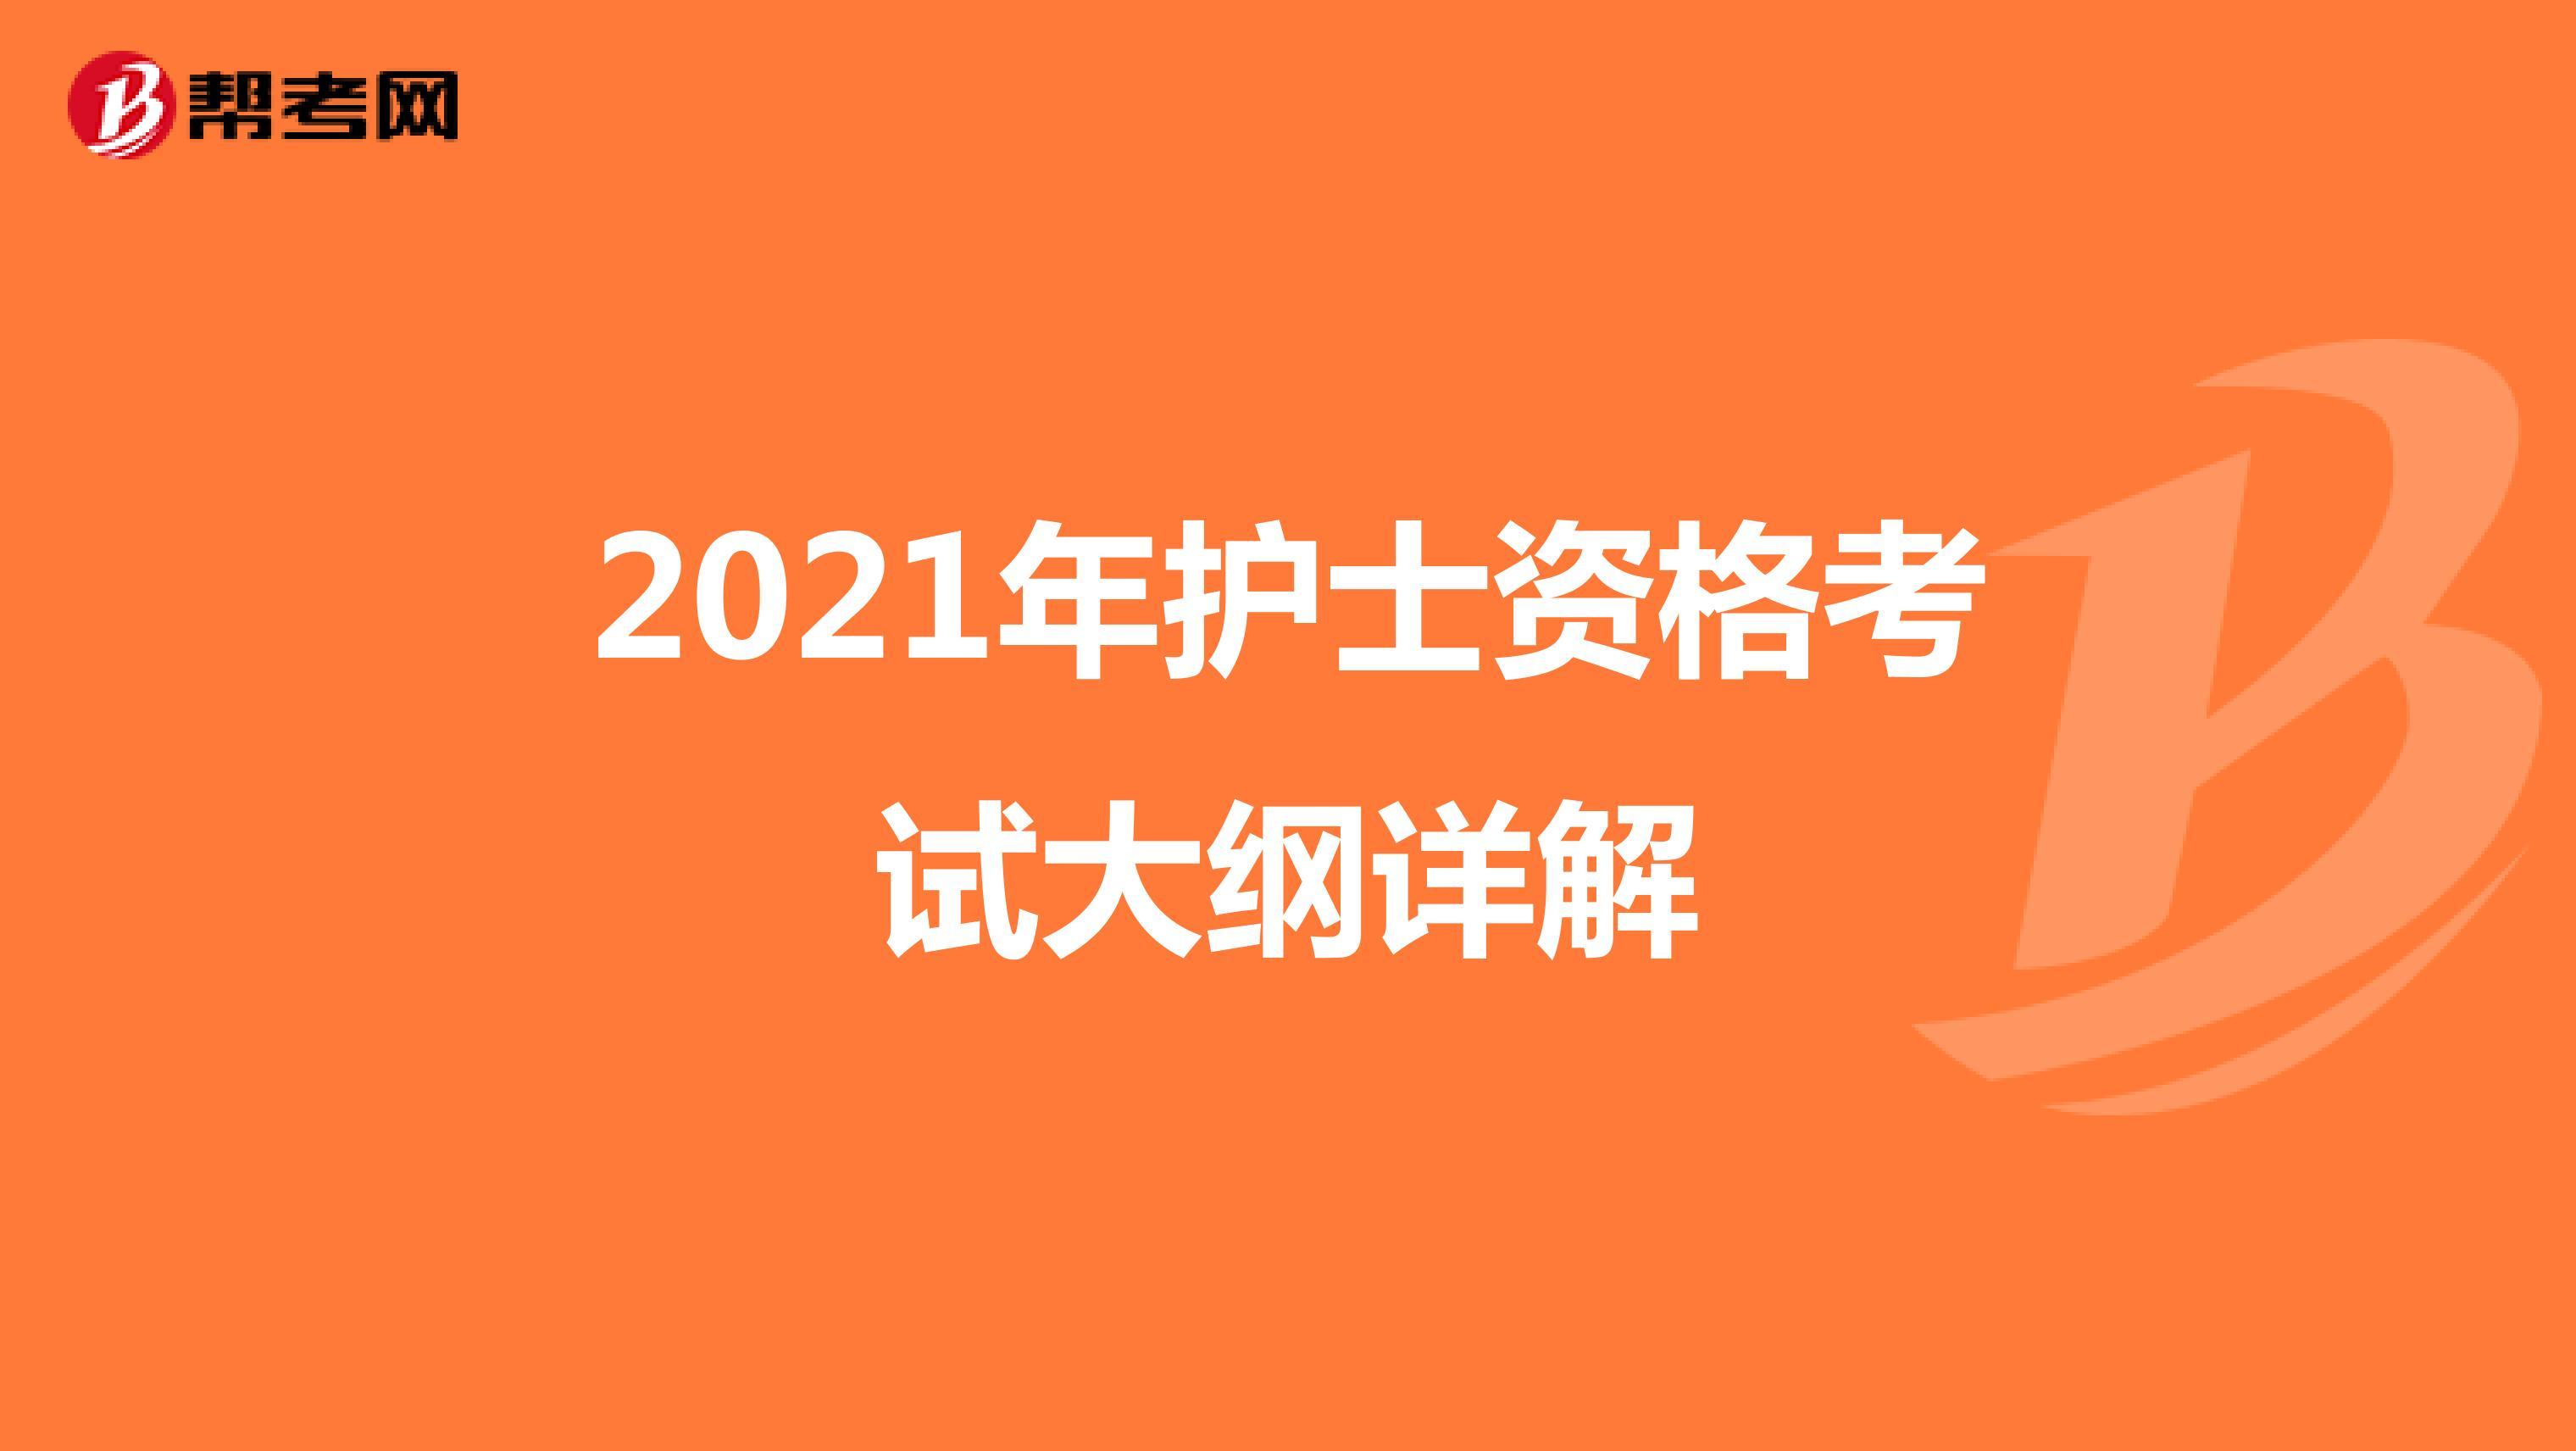 2021年護士資格考試大綱詳解